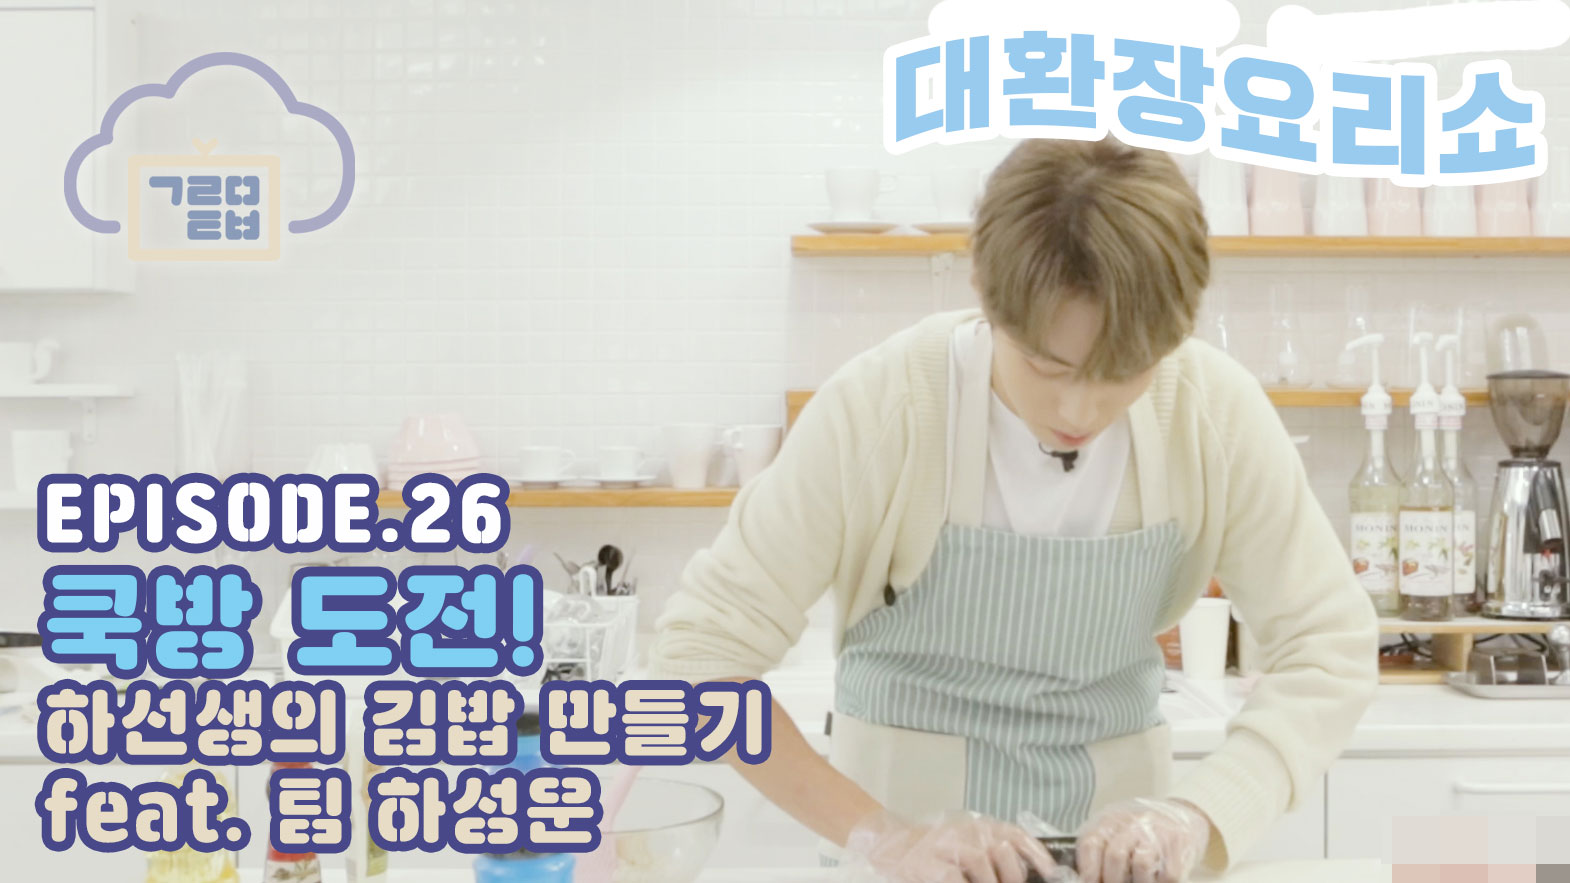 [구르미TV] EP.26 쿡방 도전! 하선생의 김밥말이 쇼 feat. 팀 하성운